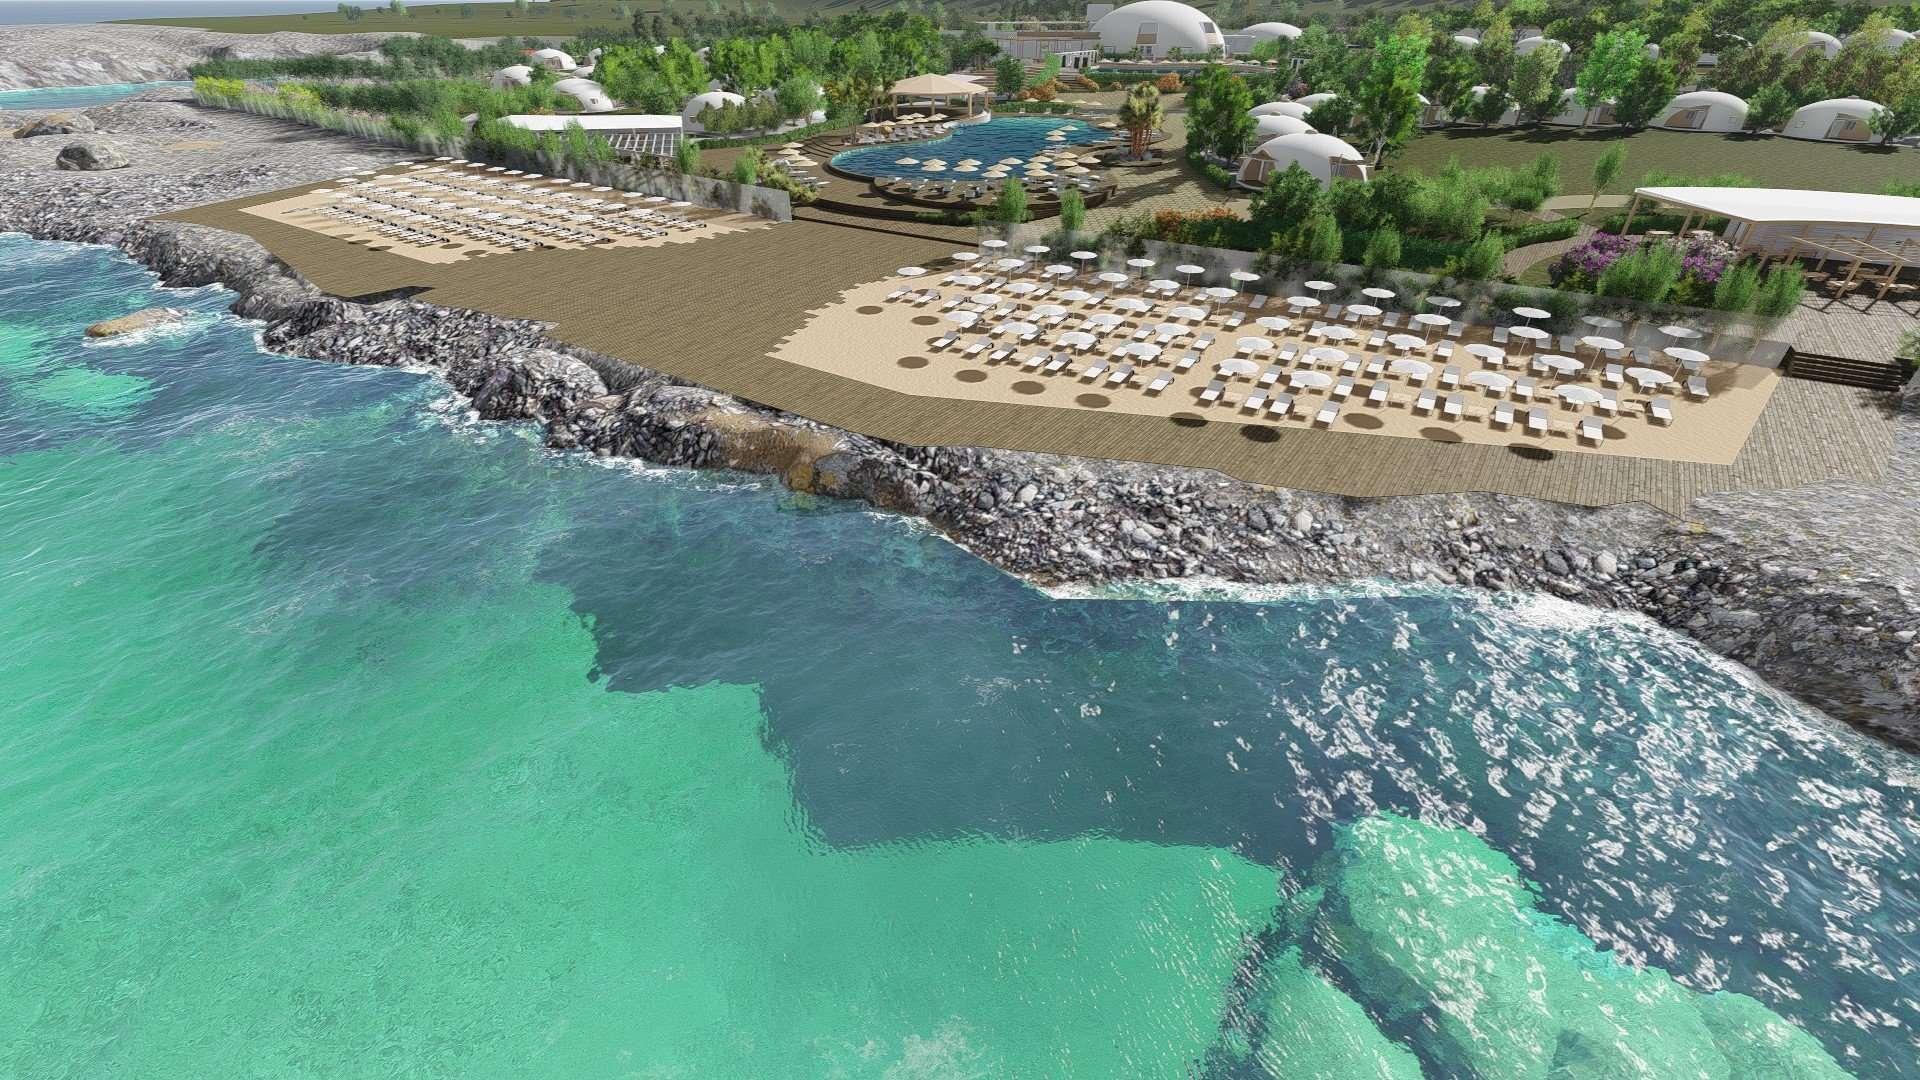 torre cintola natural sea resort - puglia - italie -overzicht vanaf zee